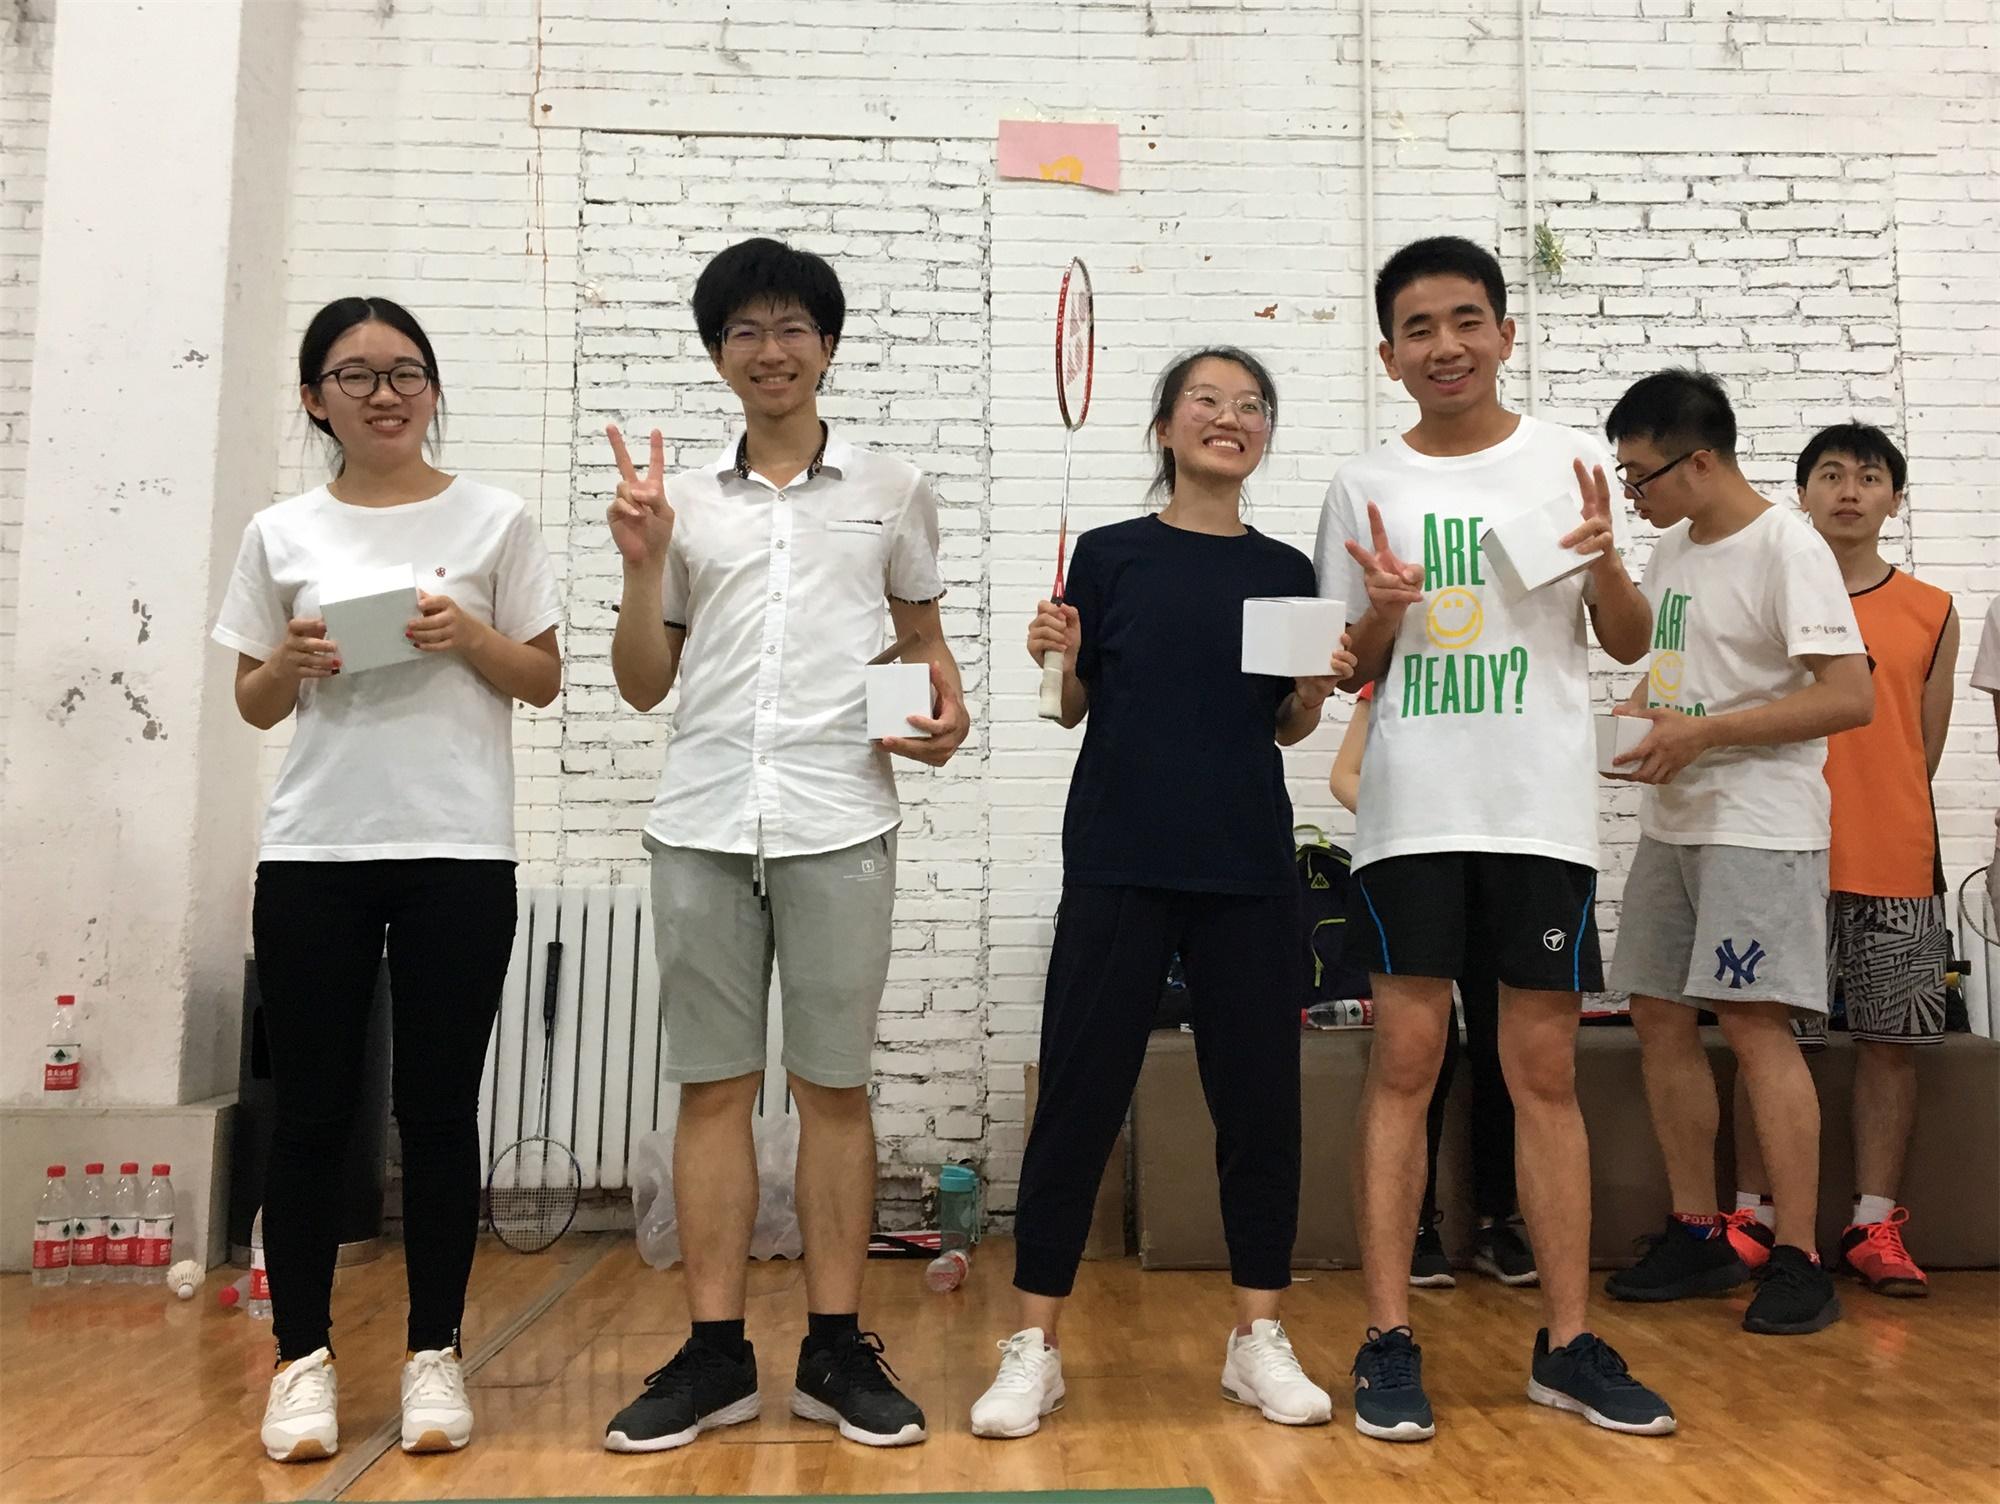 羽毛球亚军和季军1